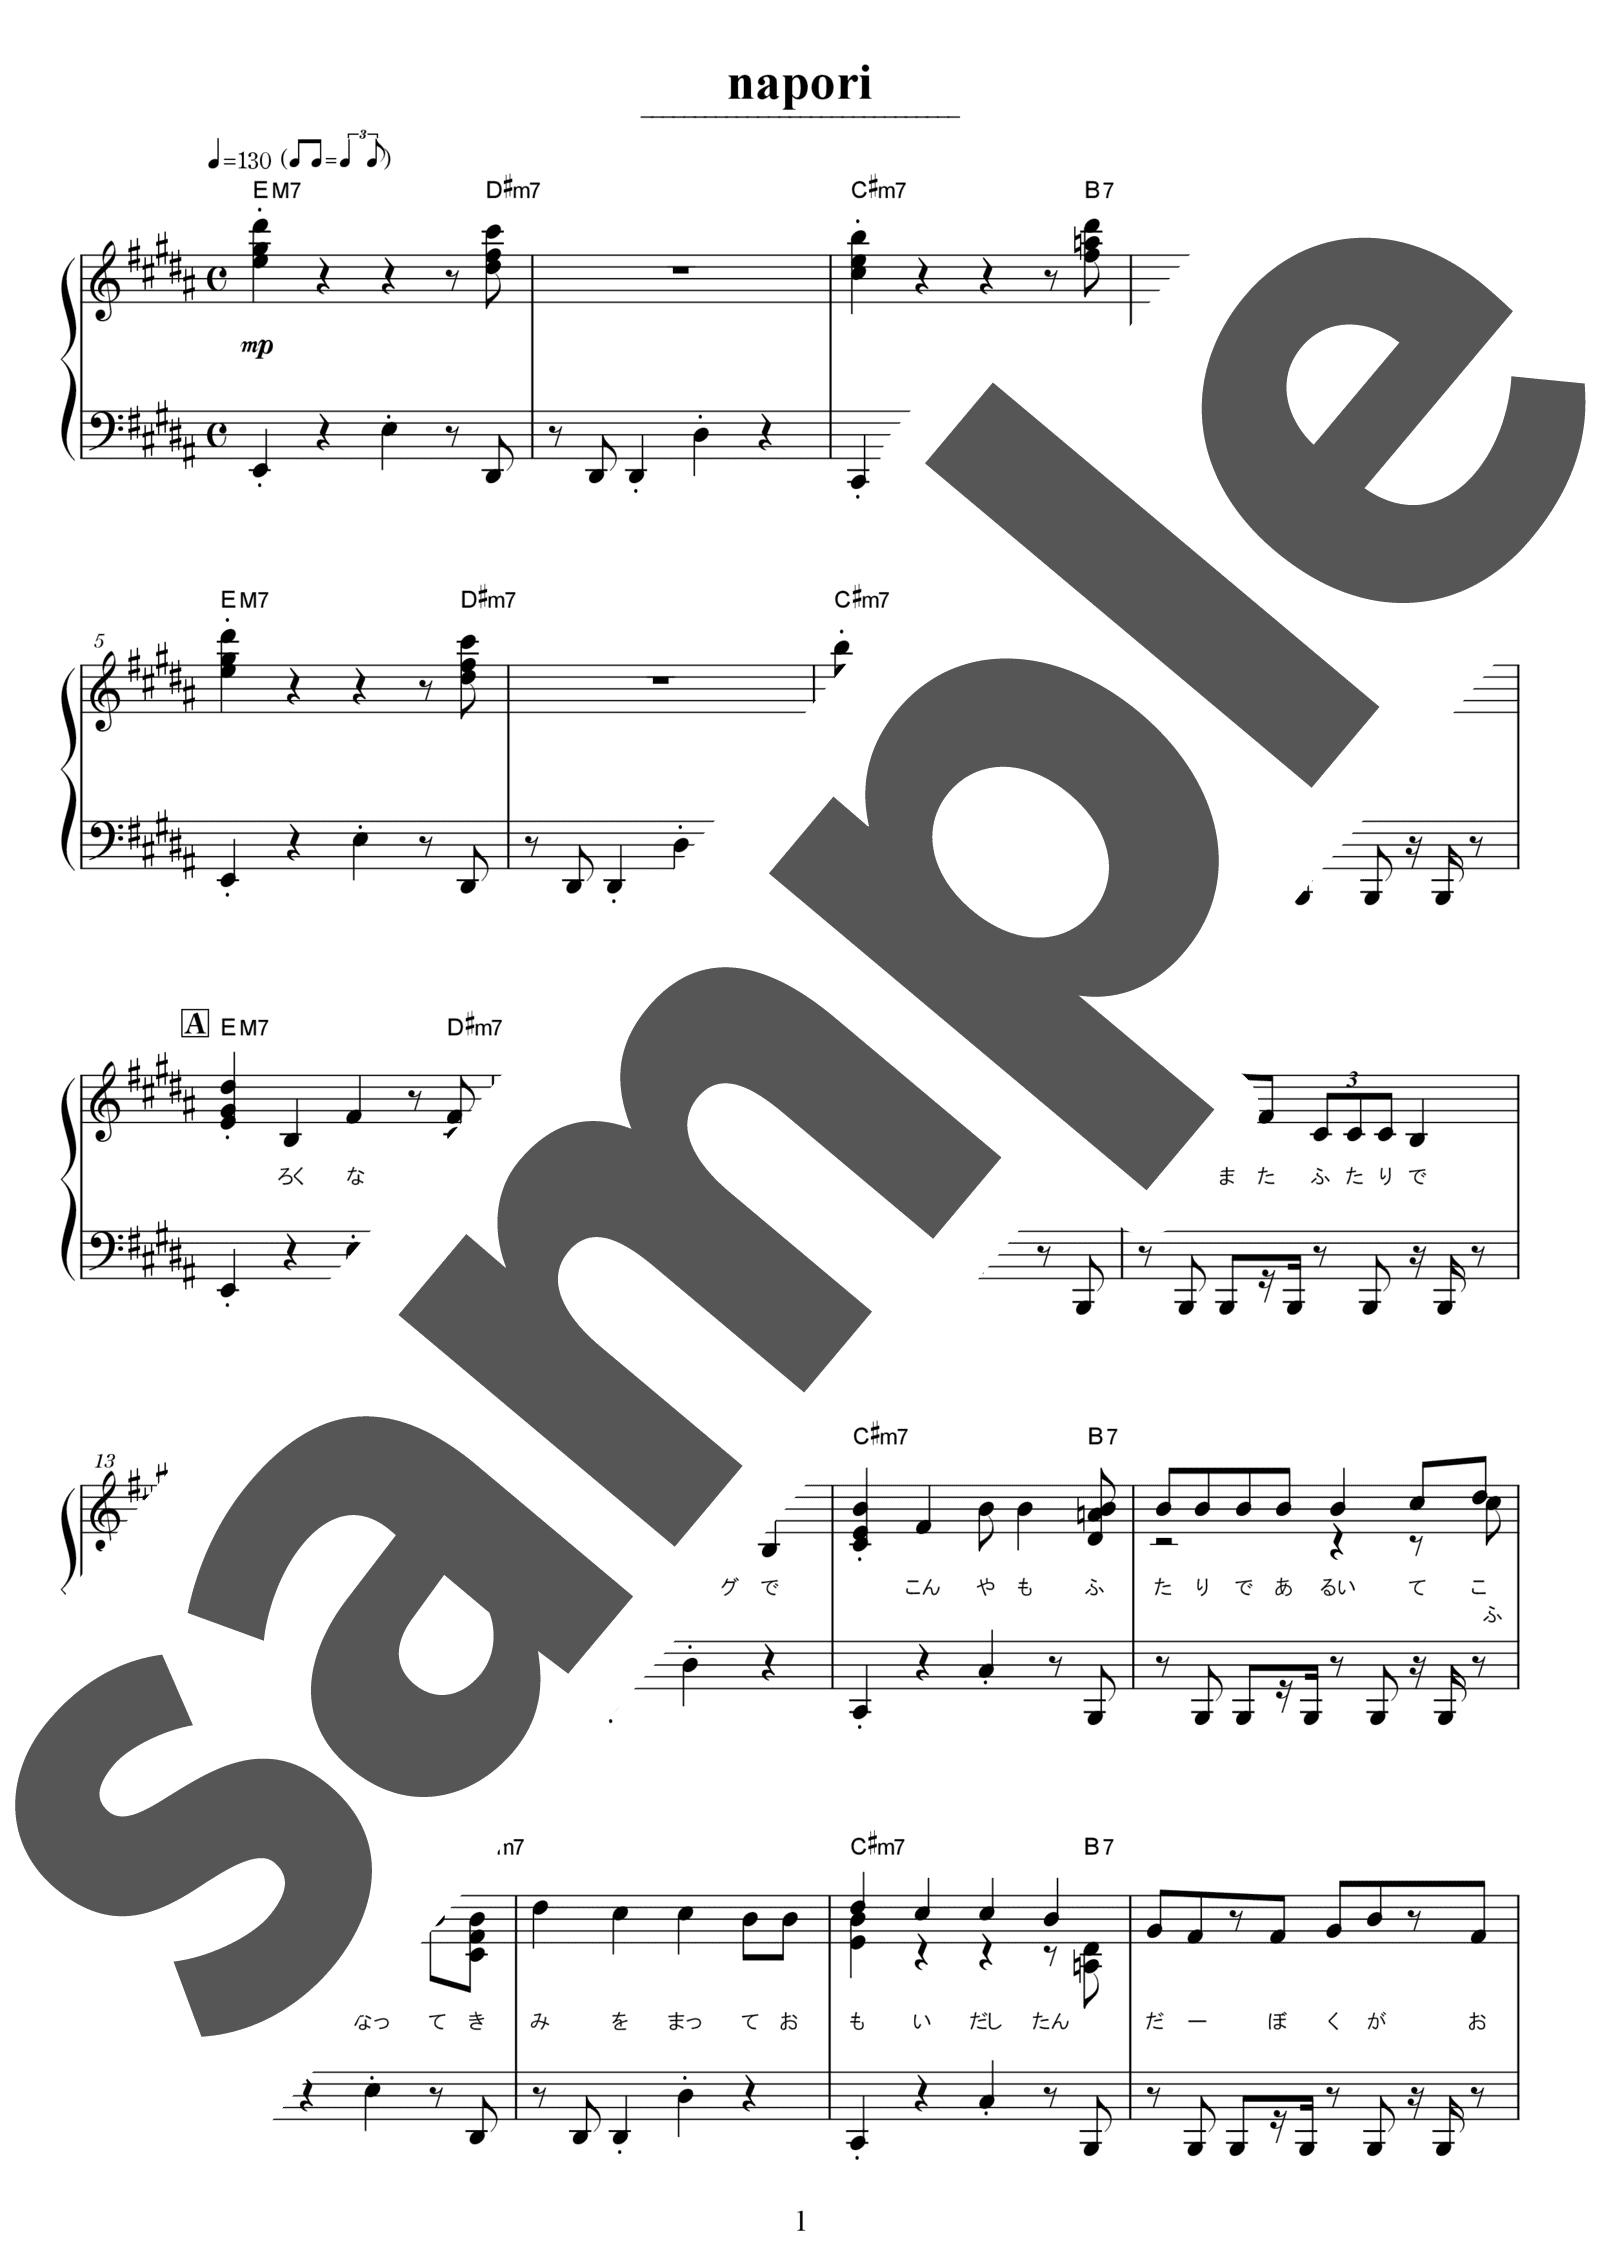 「napori」のサンプル楽譜